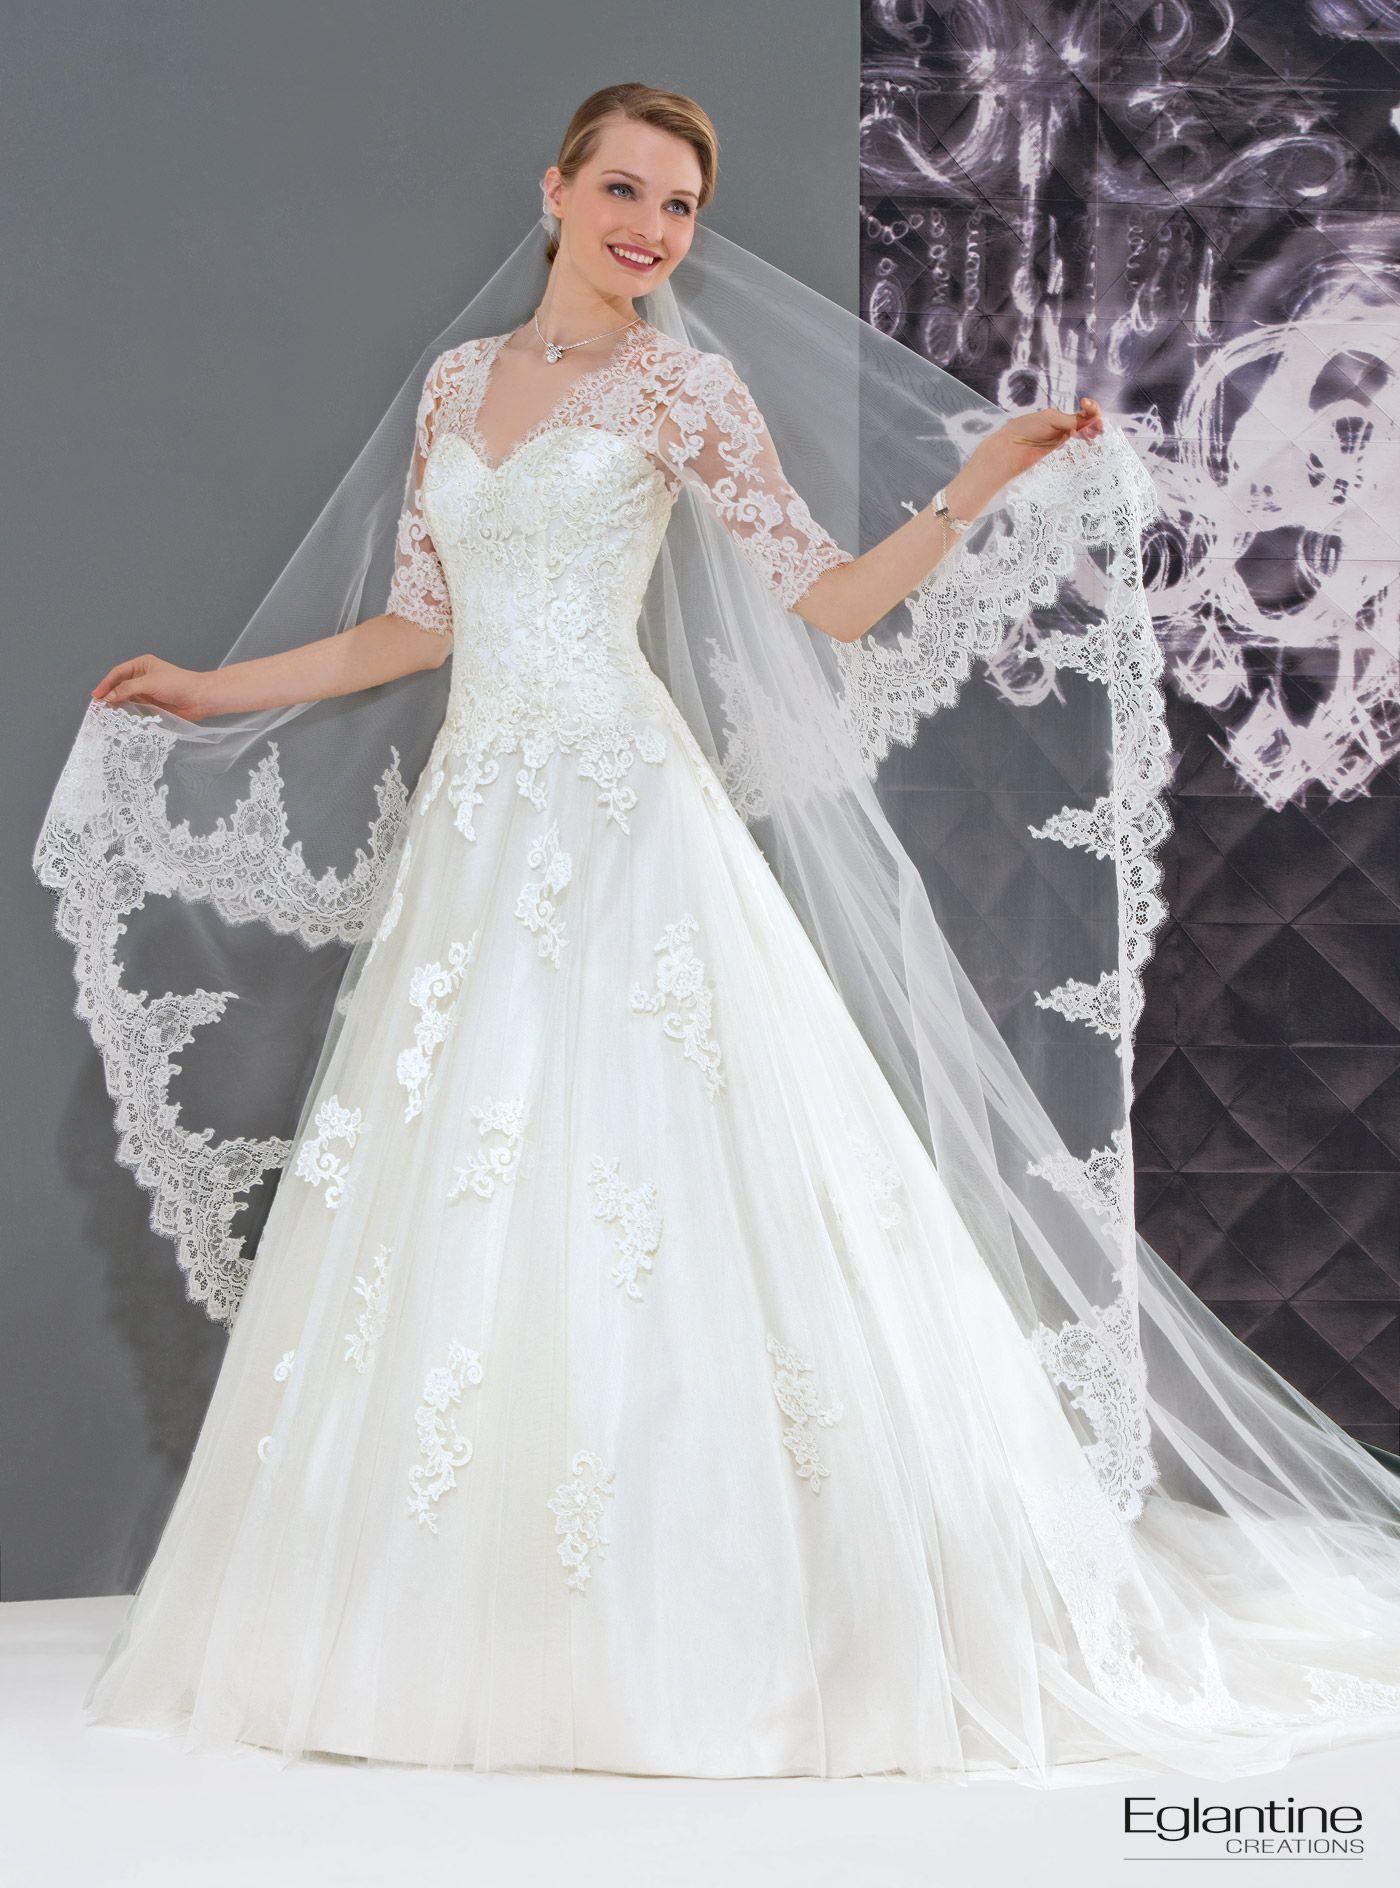 Dieses Brautkleid mit Spitzenärmeln wird Sie mit seinem mit Spitzen bedeckten Dekolleté in Herzform verführen. Diese Spitze bedeckt Ihre Schultern und Ihren Rückenausschnitt. Verschluss mit bedeckten Knöpfen.